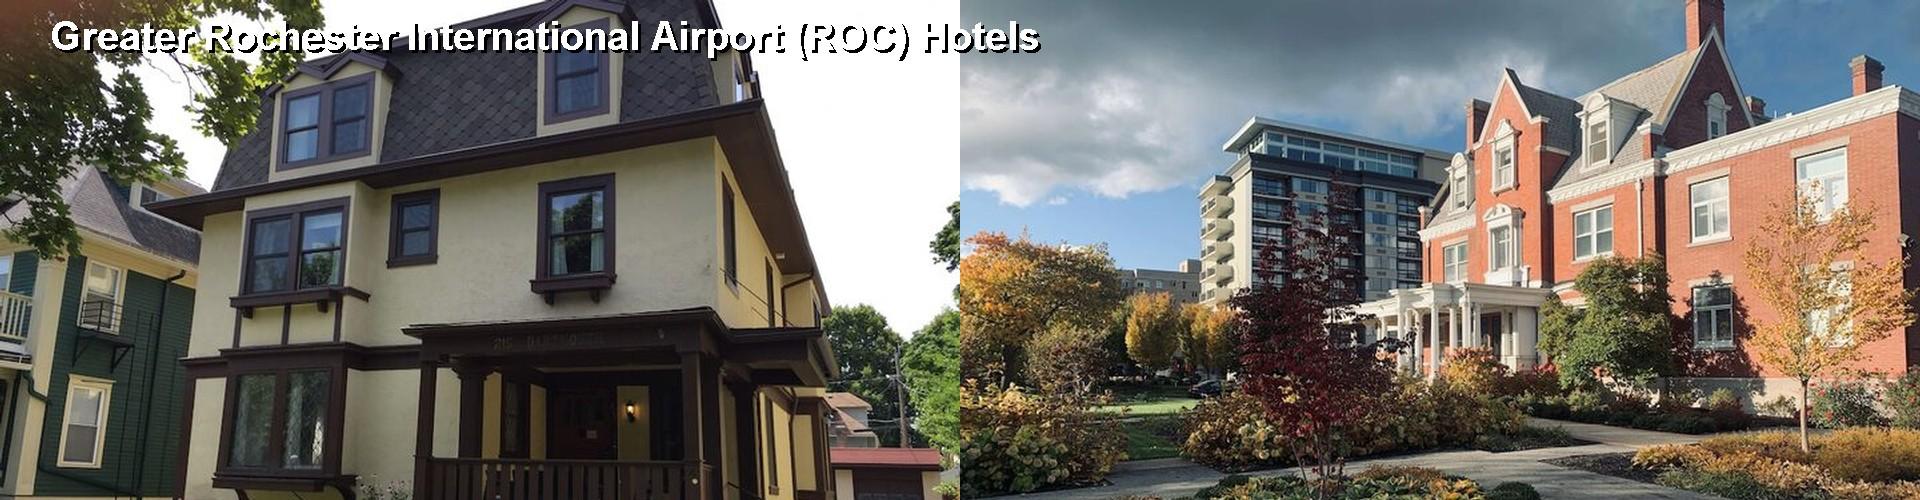 5 Best Hotels Near Greater Rochester International Airport Roc